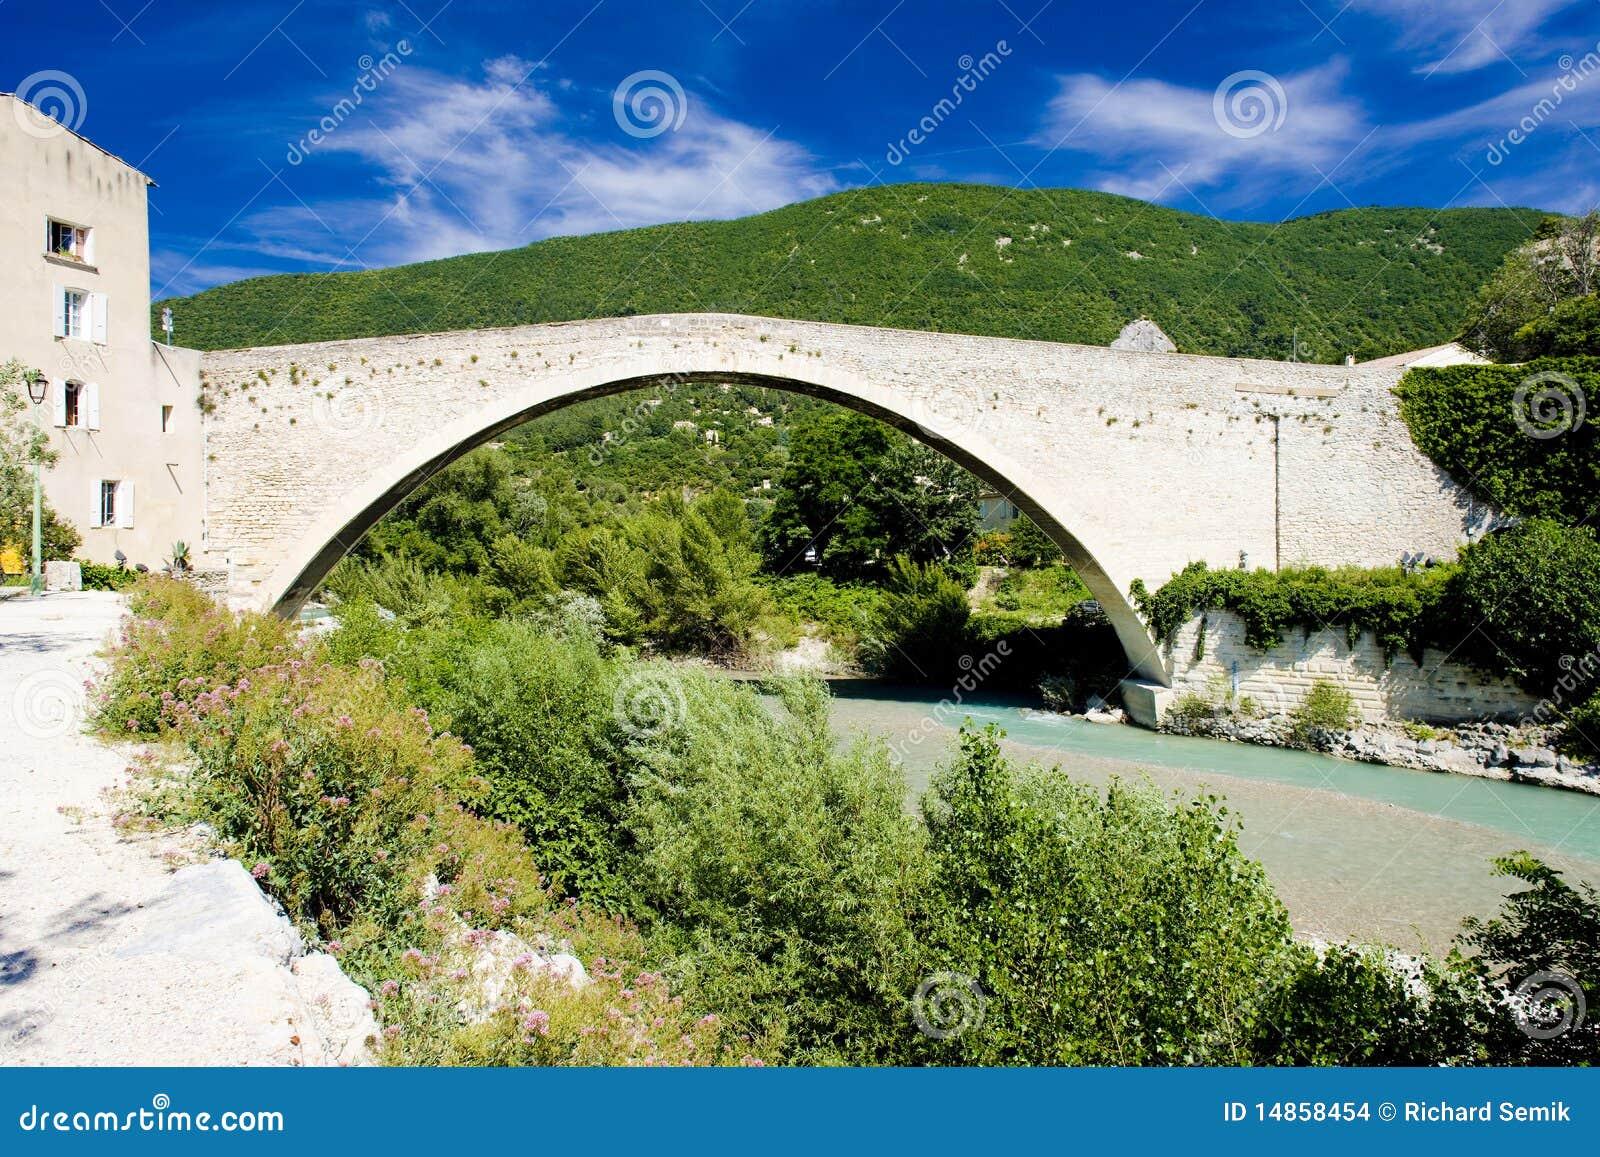 Bridge in Nyons